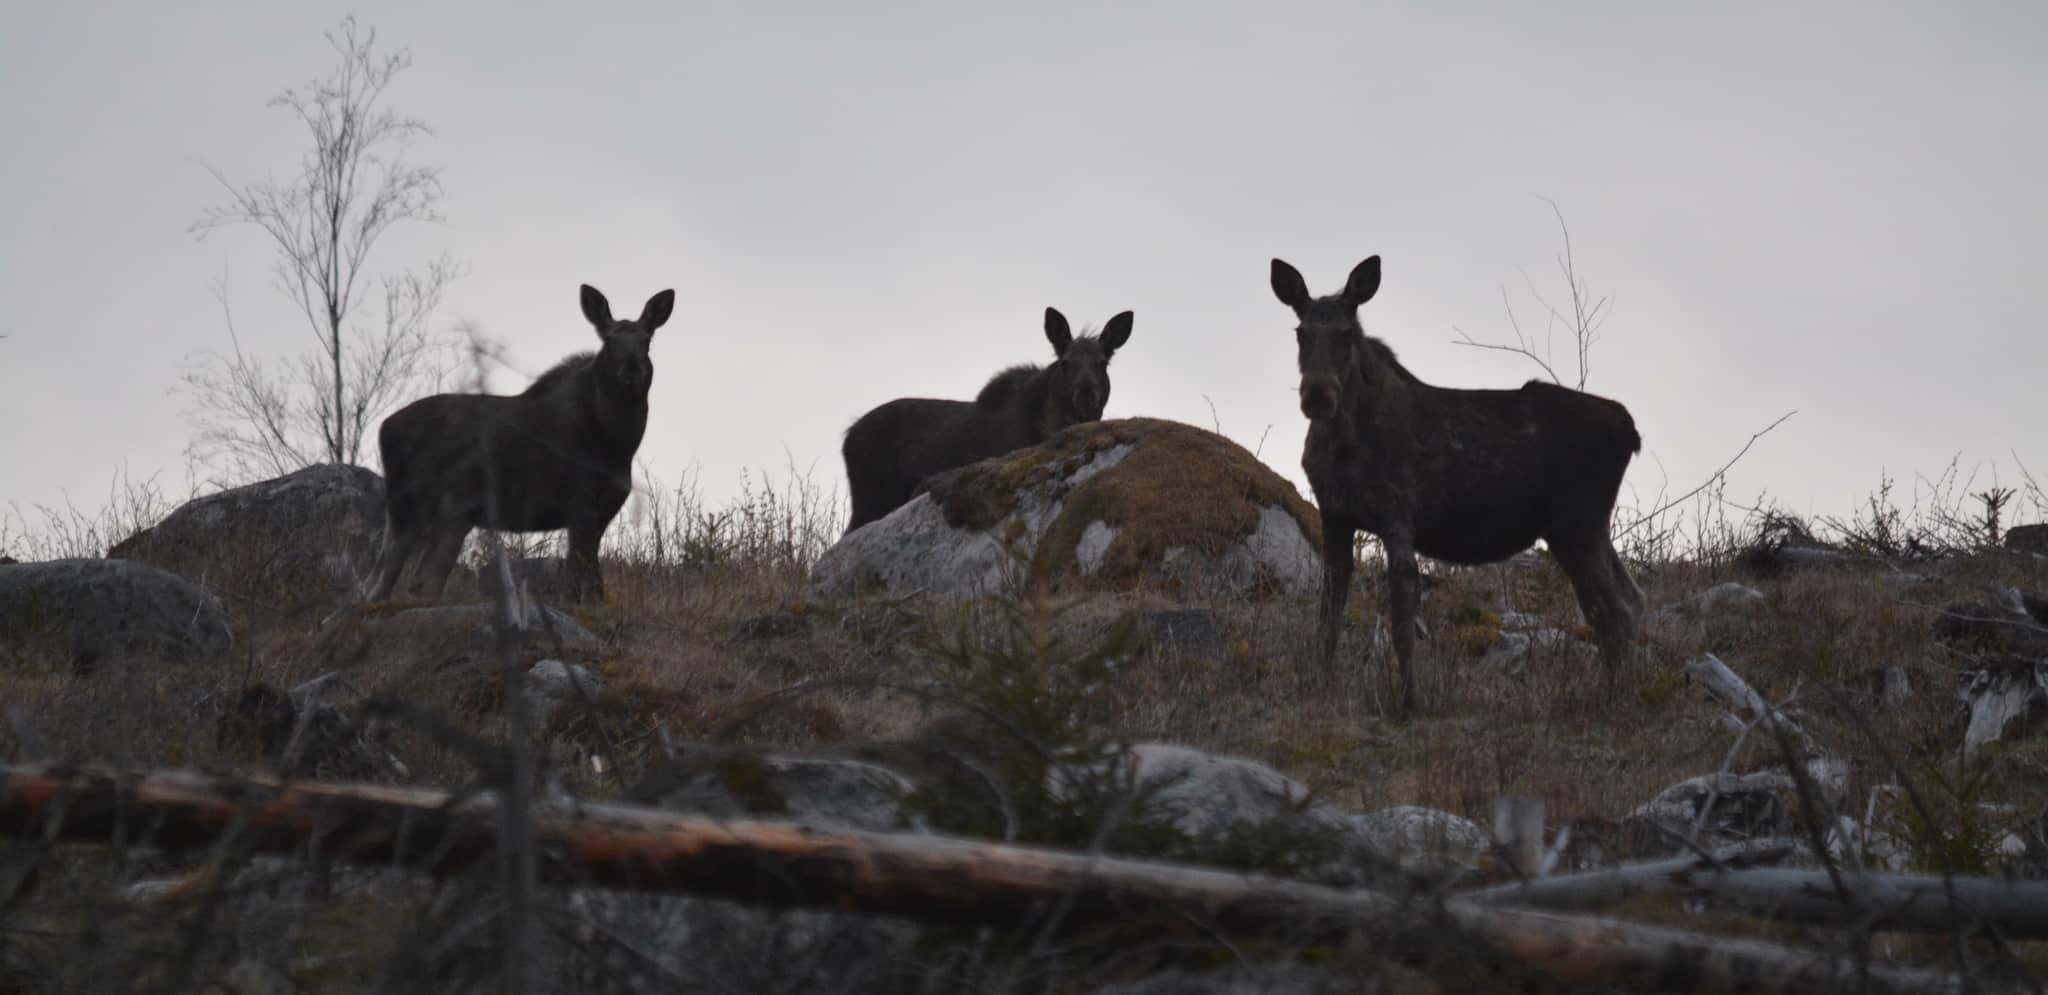 Normalt sett ökar älgstammen med cirka 30 procent på sommaren, för att sedan minska under jaktperioden.